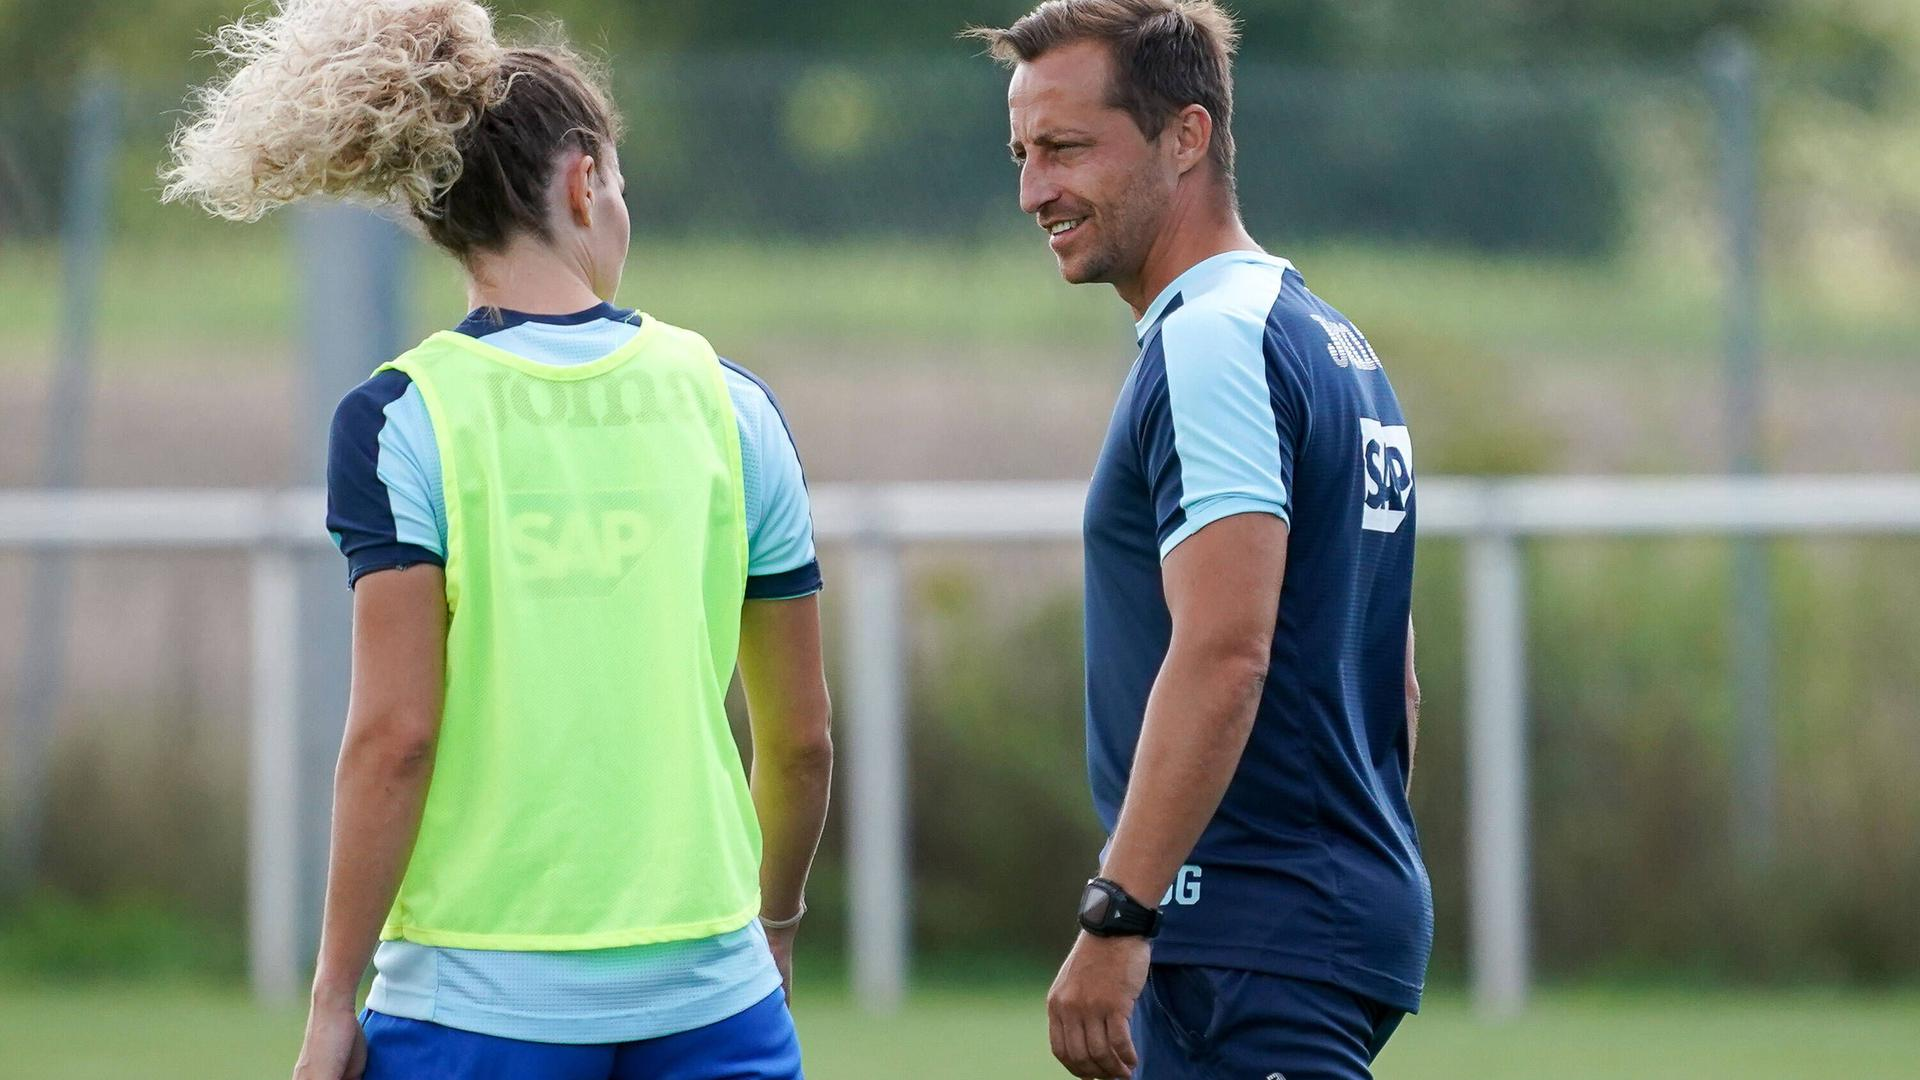 Luana Bühler TSG, 5 im Gespräch mit Gabor Gallai Trainer, Cheftrainer, TSG